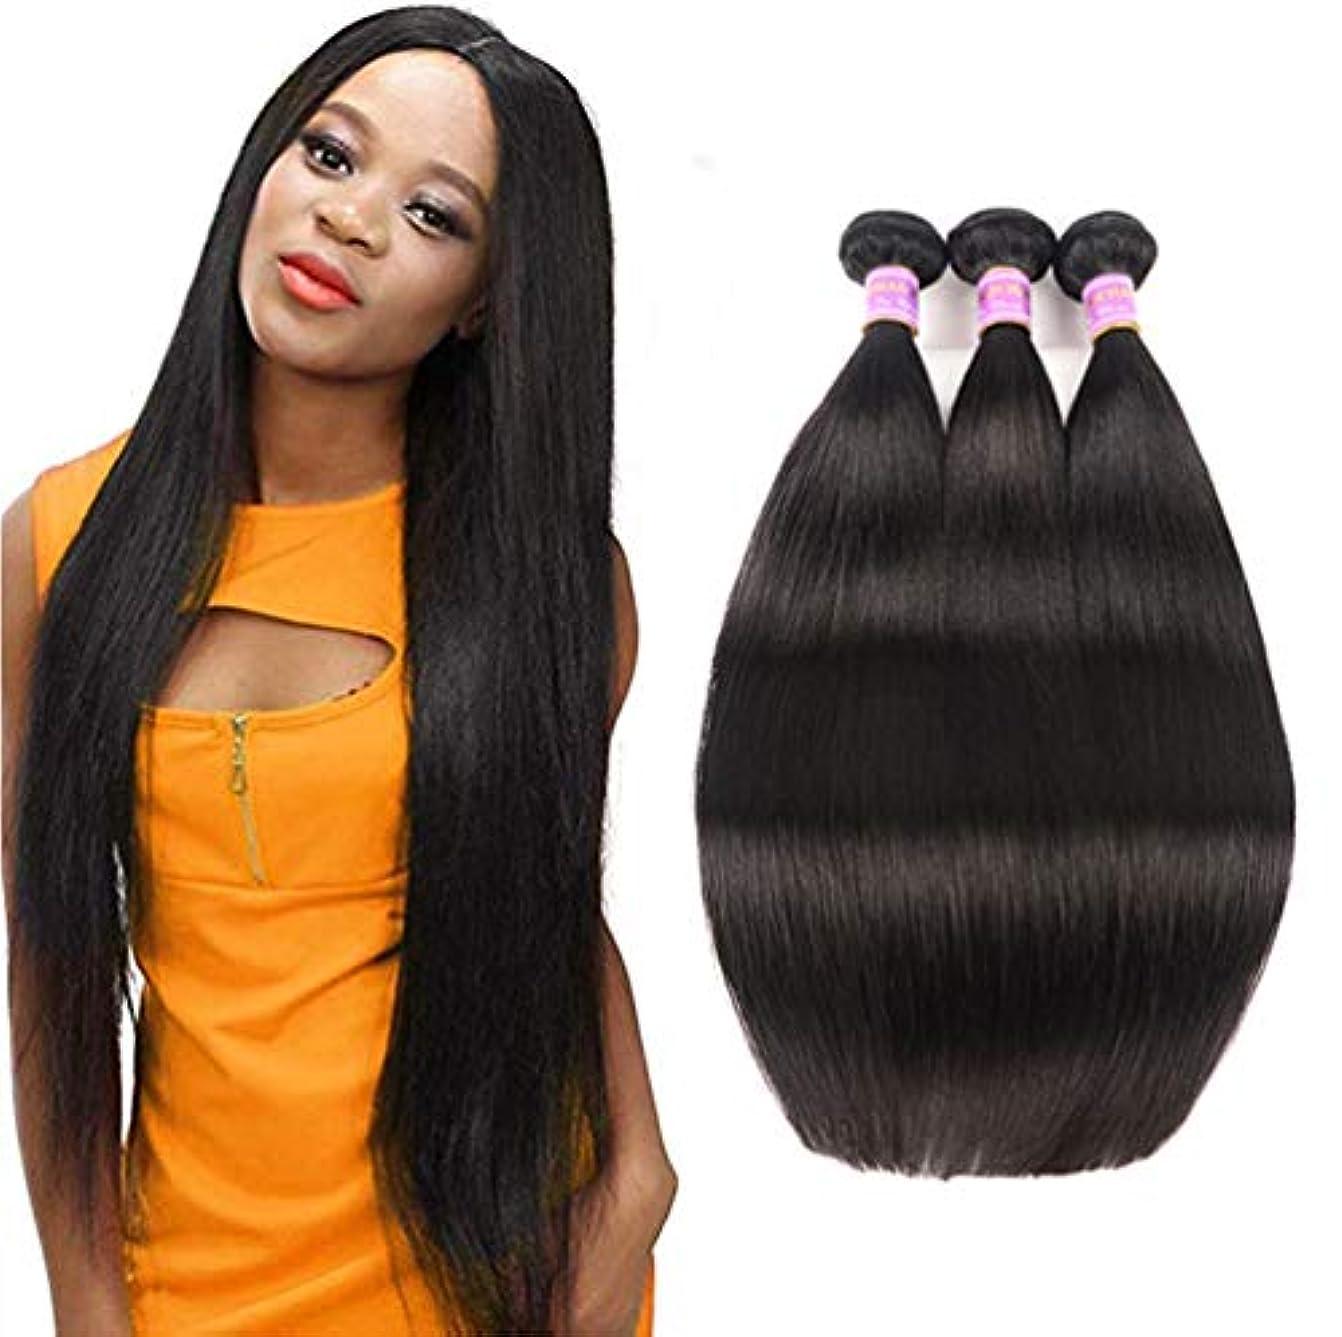 推定する生息地改修ブラジルのまっすぐな人間の毛髪3の束の絹のようなまっすぐなバージンの人間の毛髪の織り方延長自然な300g